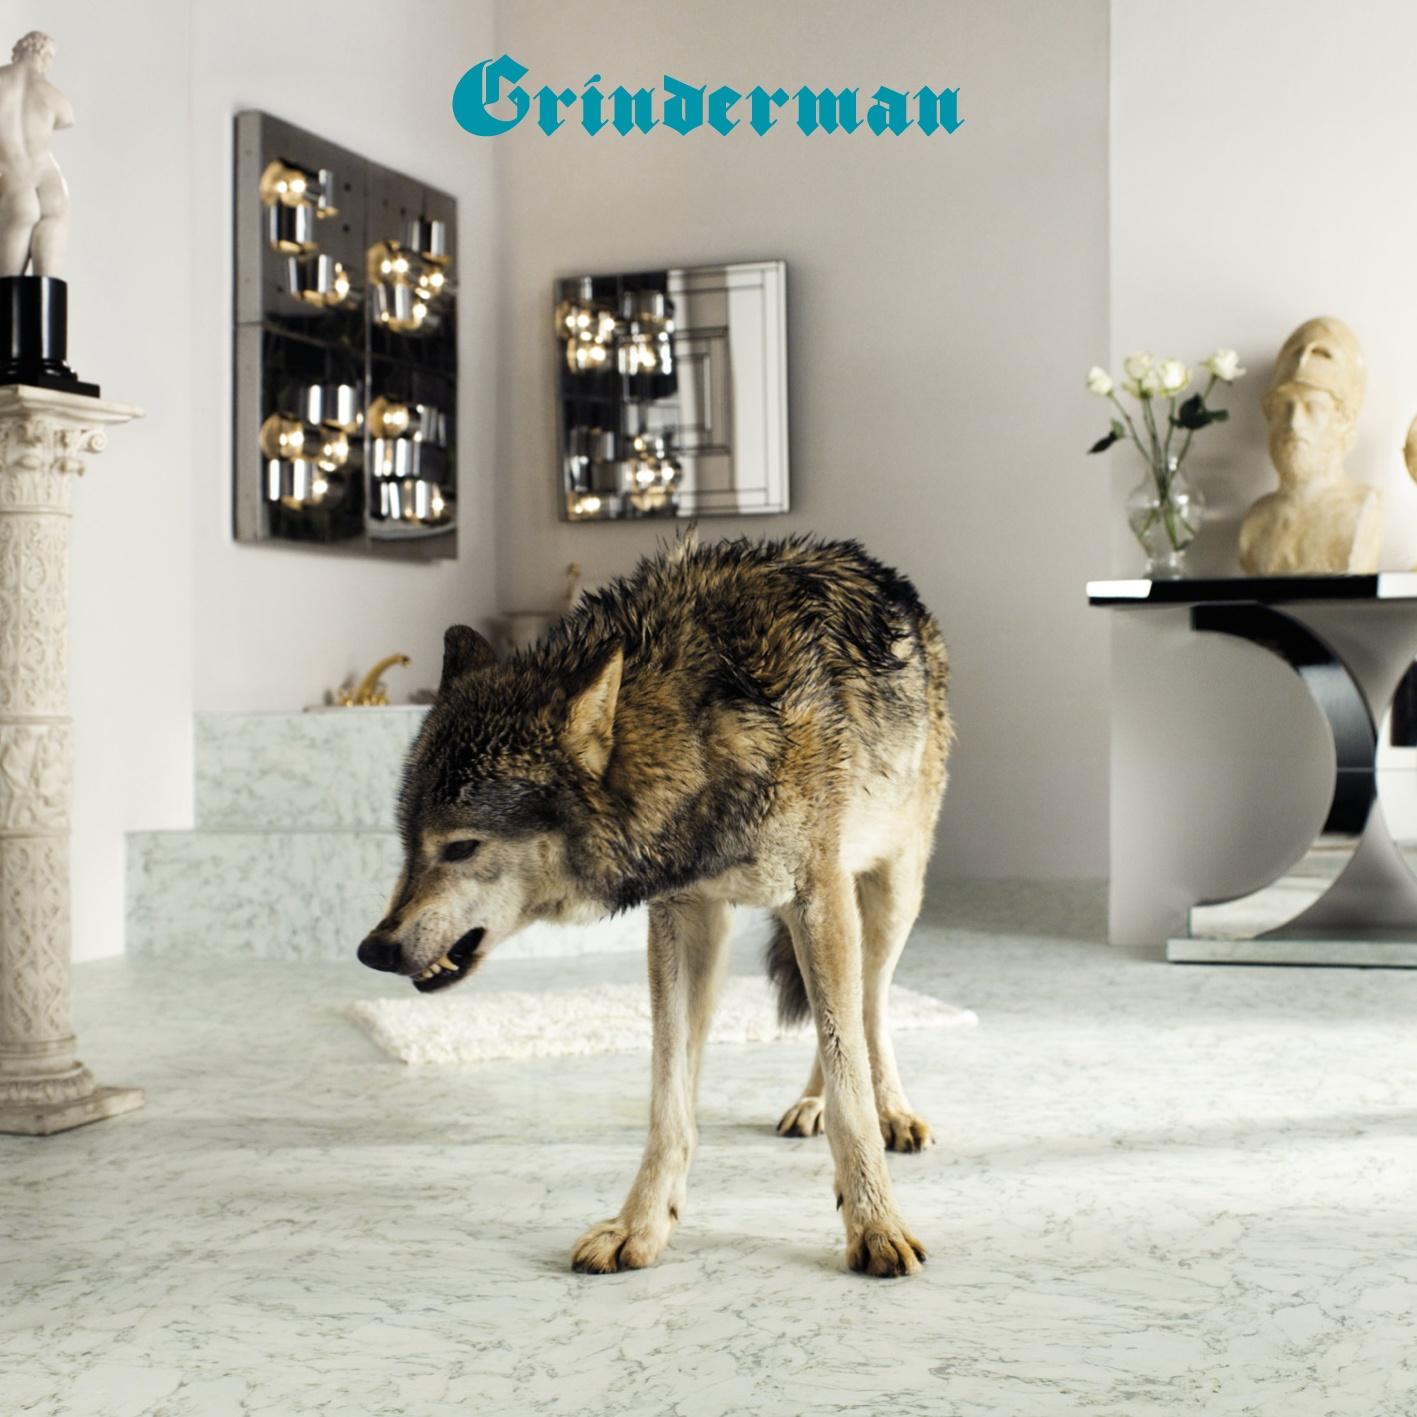 GRINDERMAN 2 - Nick Cave